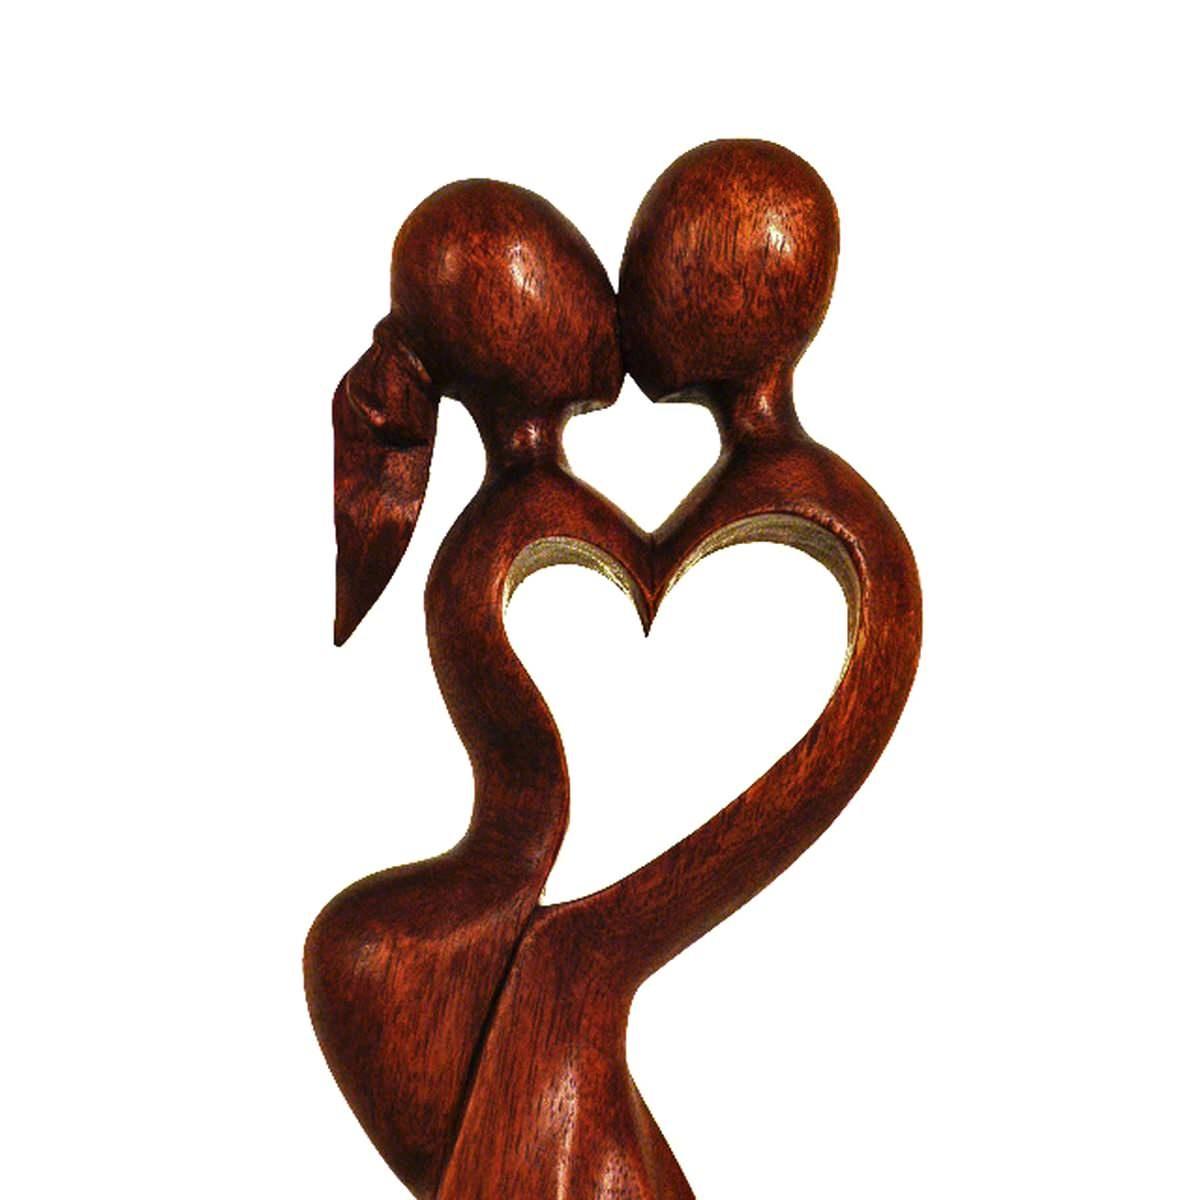 holz figur skulptur abstrakt holzfigur afrika asia. Black Bedroom Furniture Sets. Home Design Ideas